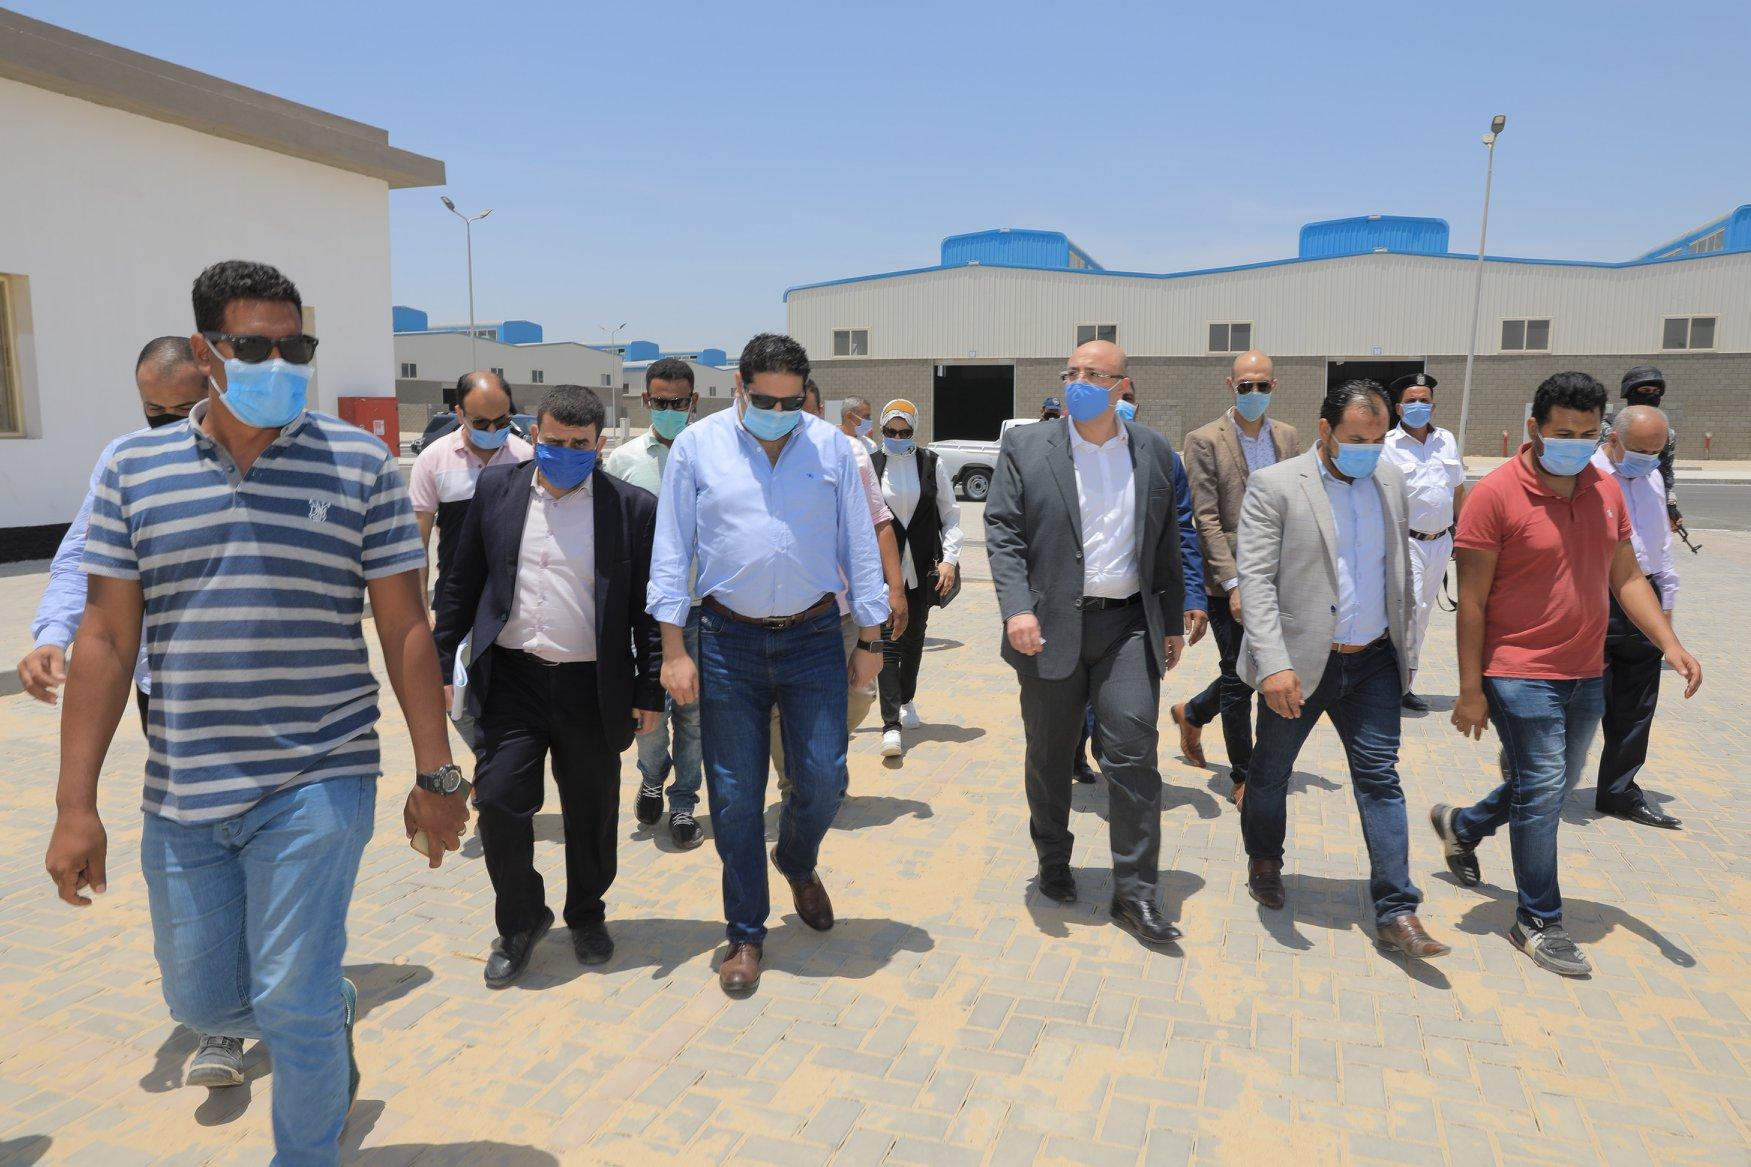 صور | محافظ بني سويف يتفقد مجمع الصناعات الصغيرة والمتوسطة ببياض العرب شرق النيل